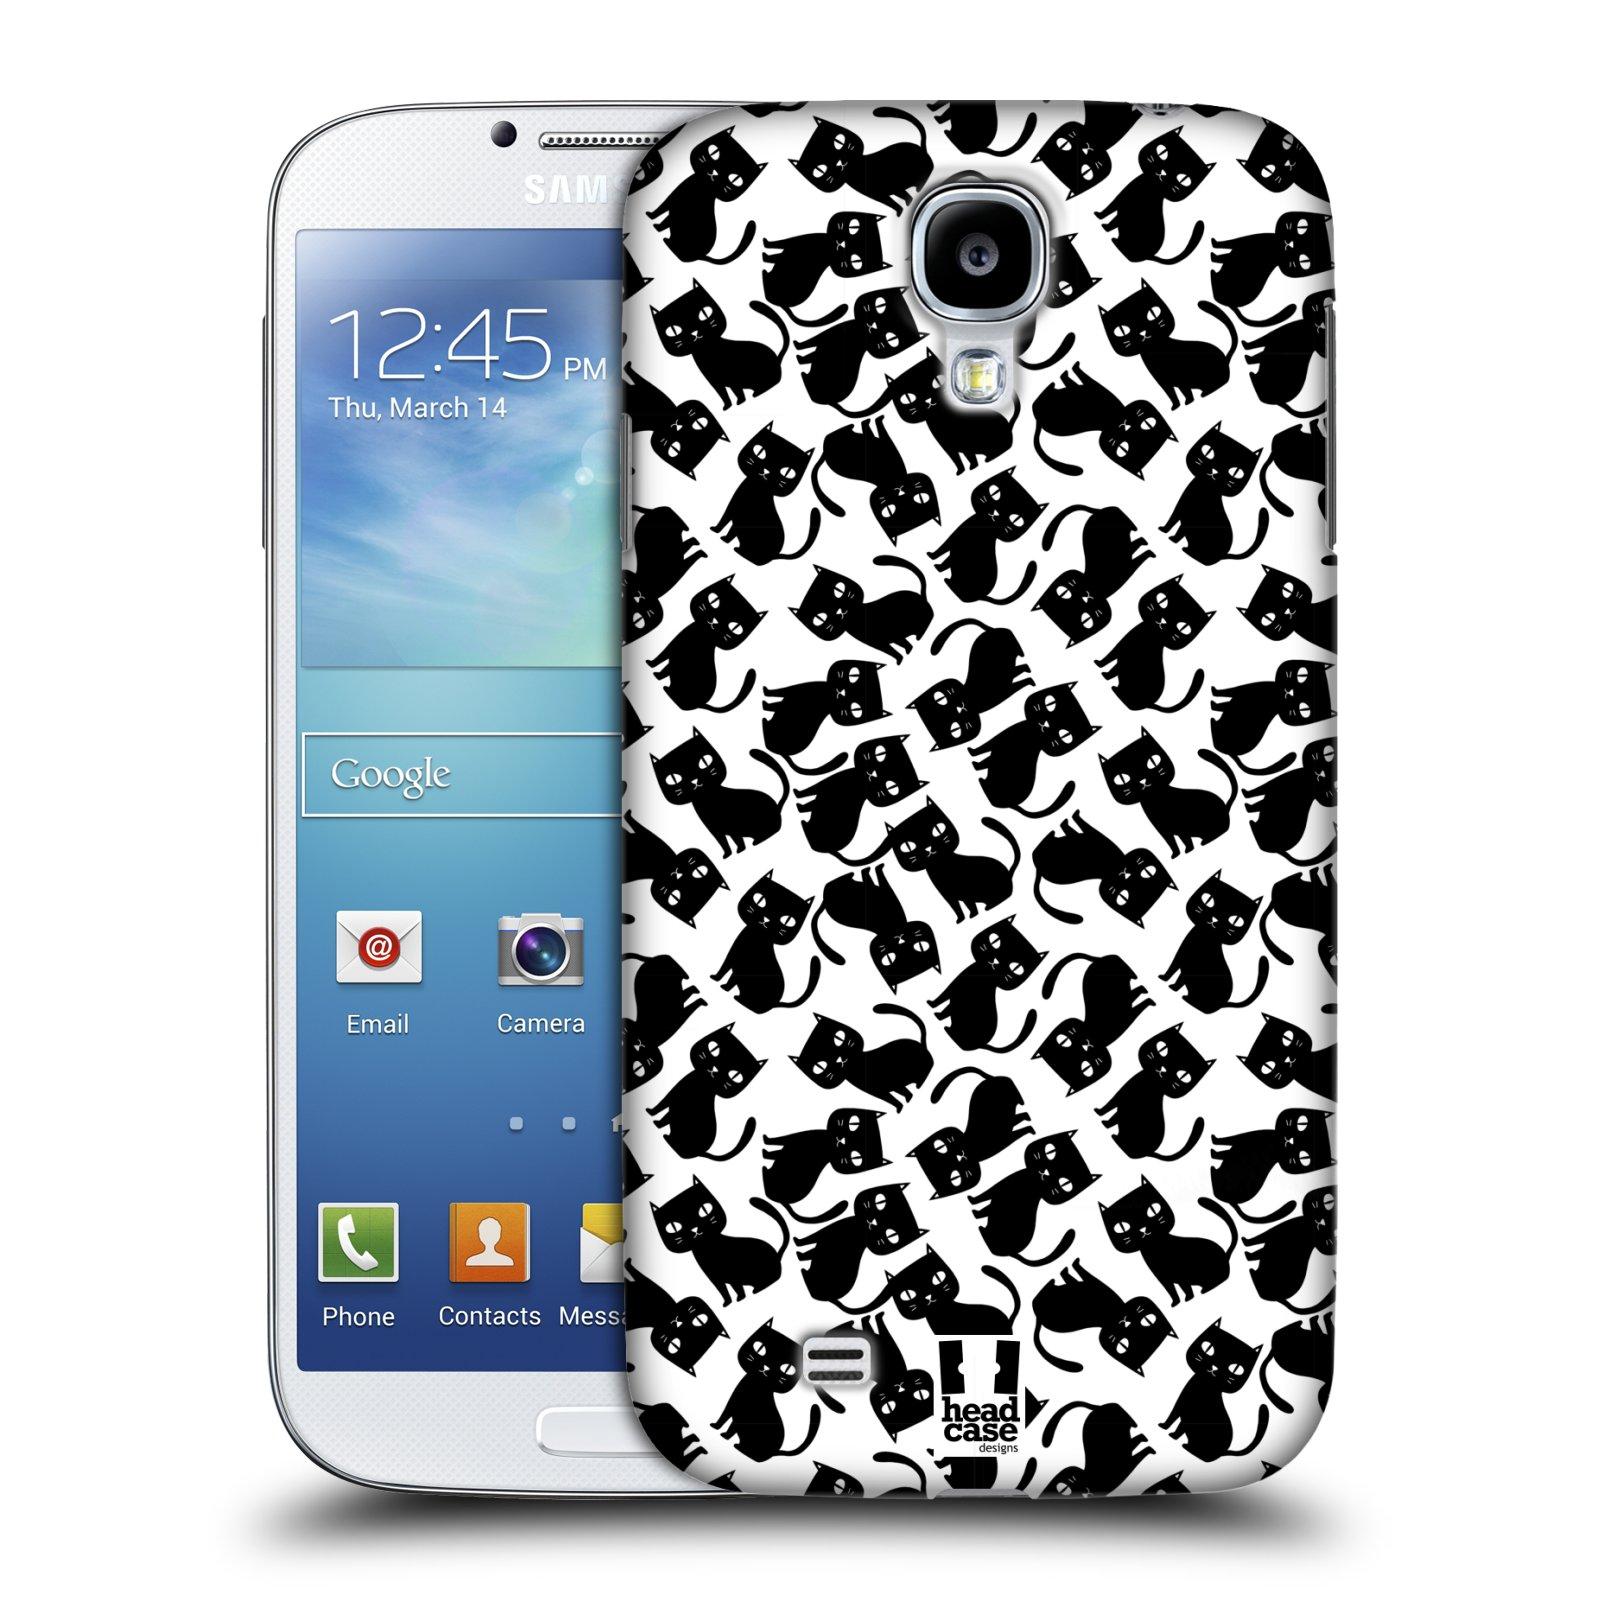 Plastové pouzdro na mobil Samsung Galaxy S4 HEAD CASE KOČKY Black Pattern (Kryt či obal na mobilní telefon Samsung Galaxy S4 GT-i9505 / i9500)